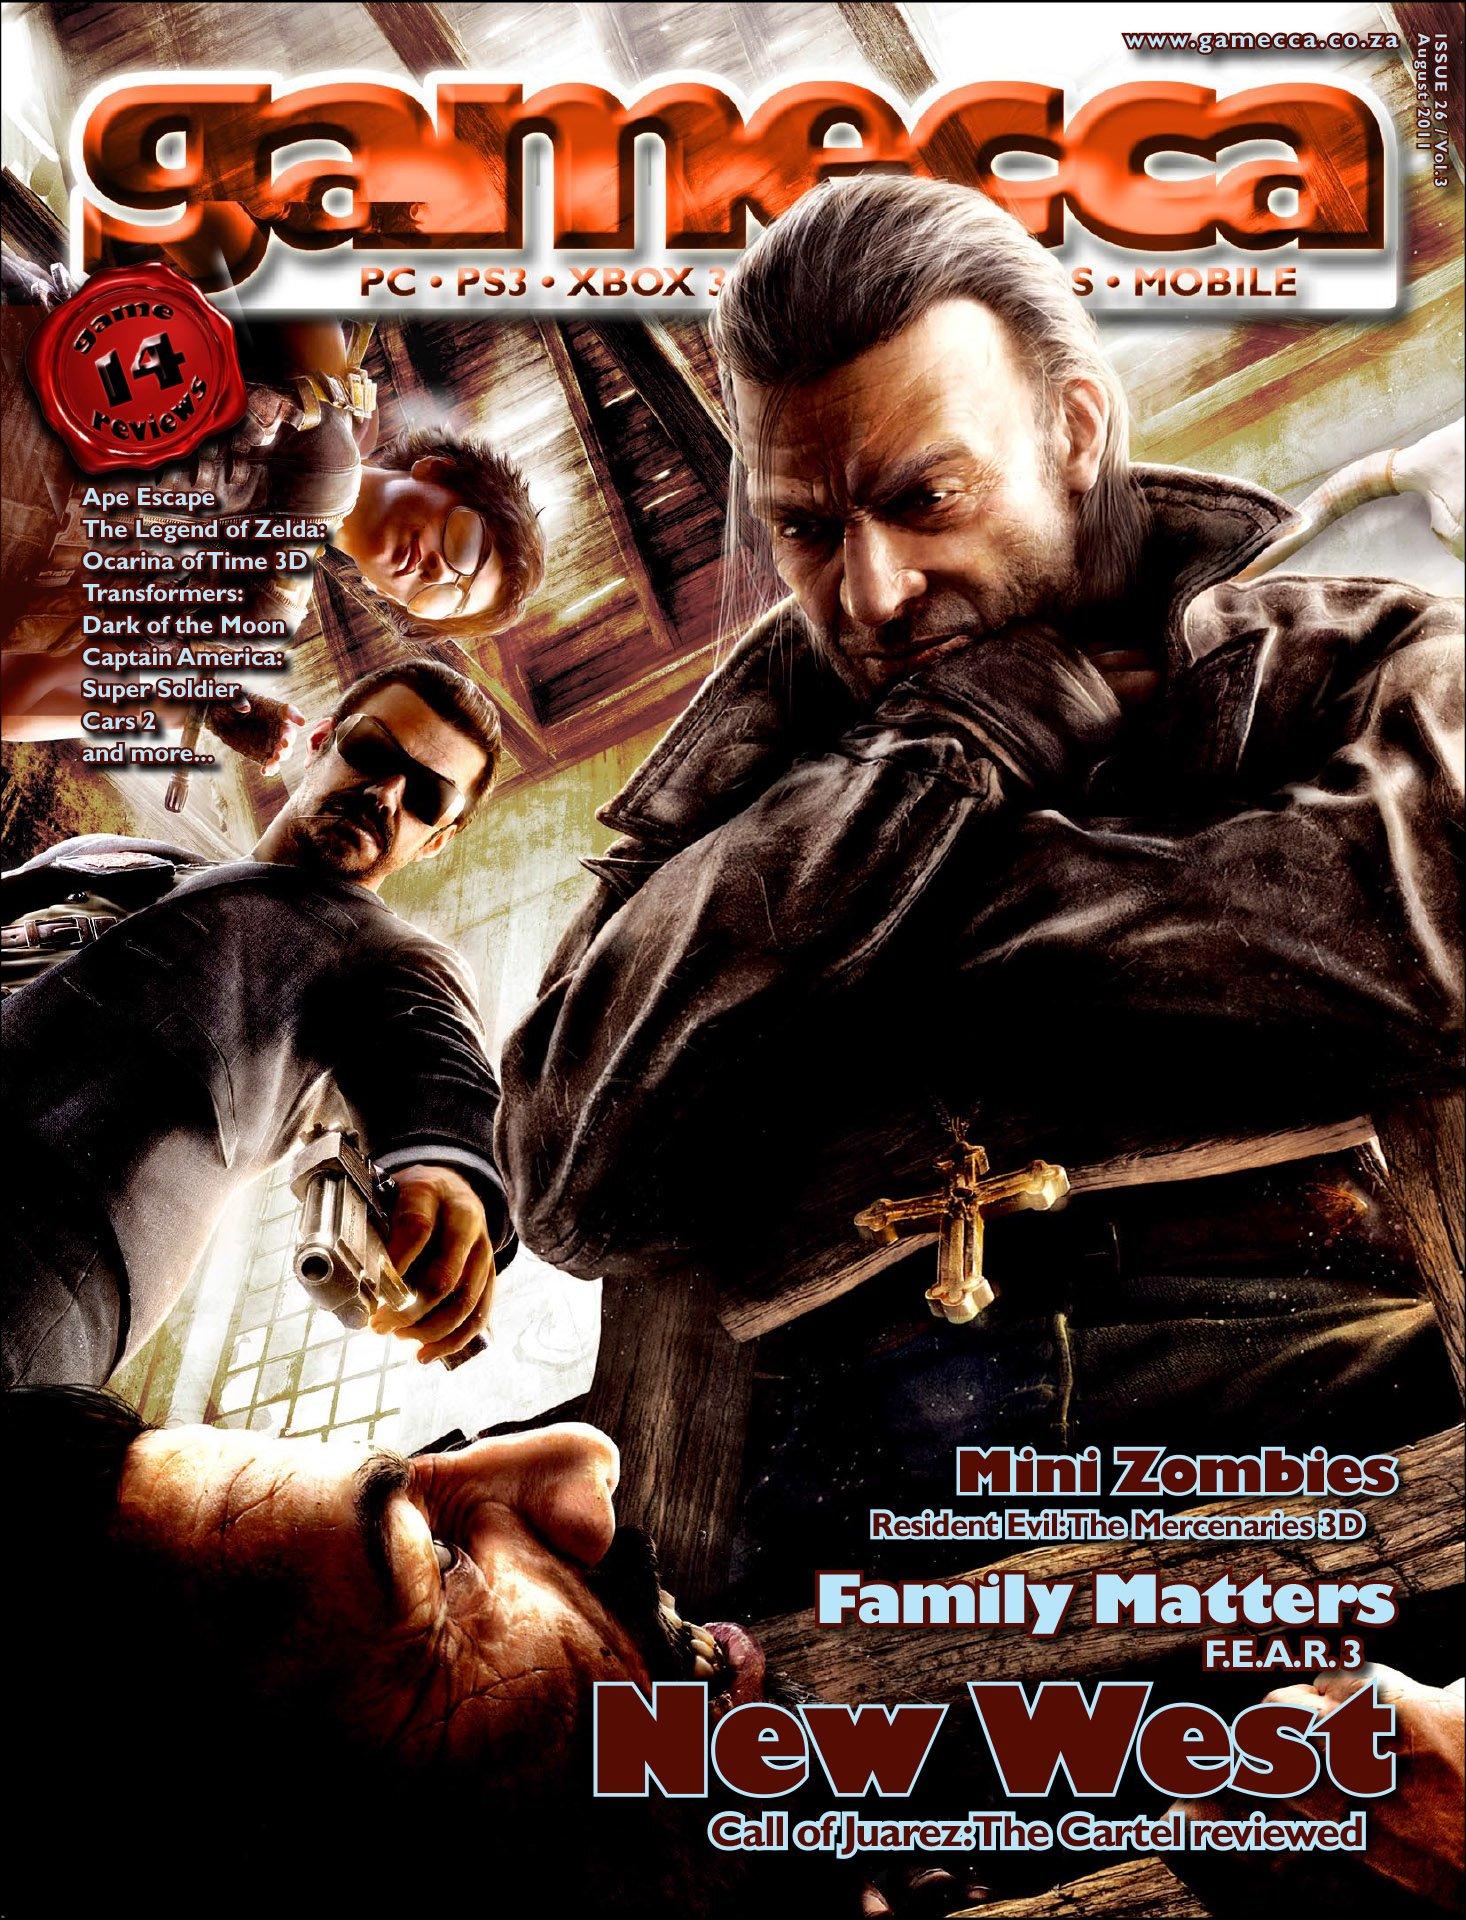 Gamecca 026 (August 2011)